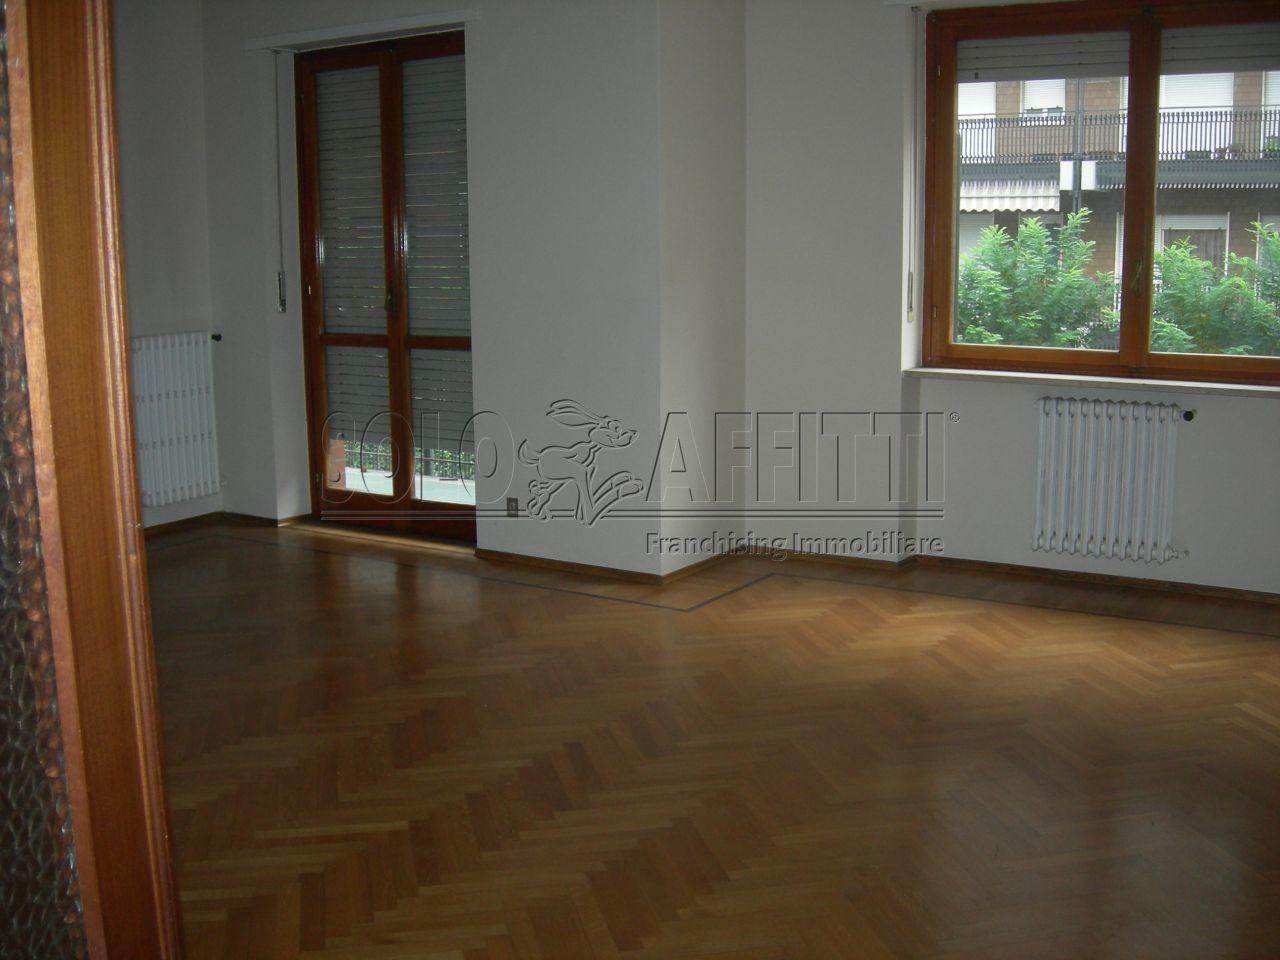 Ufficio / Studio in affitto a Torino, 5 locali, prezzo € 800 | Cambio Casa.it